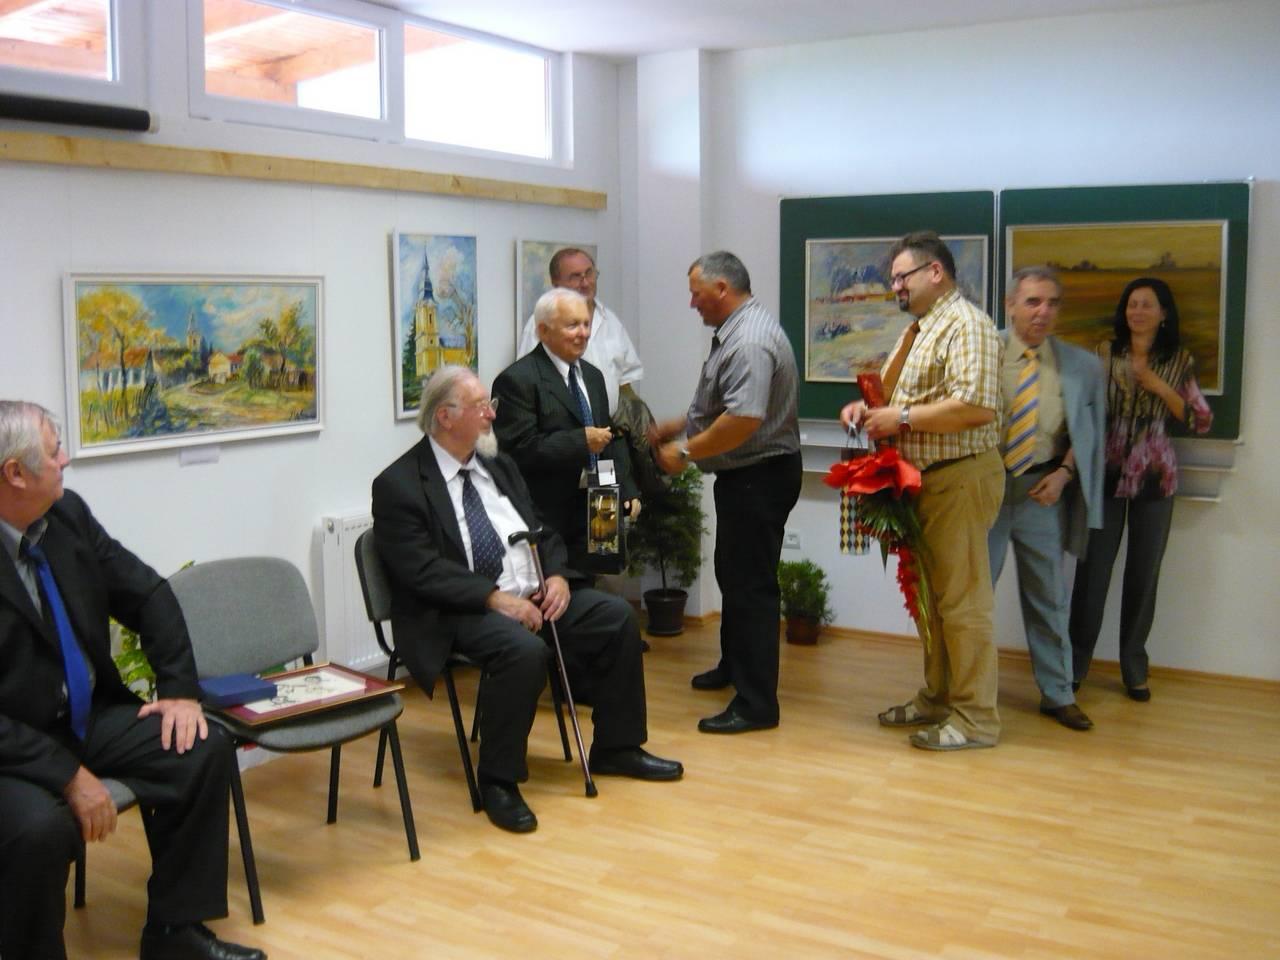 Festőművész kitüntetése és kiállítása Hencidán